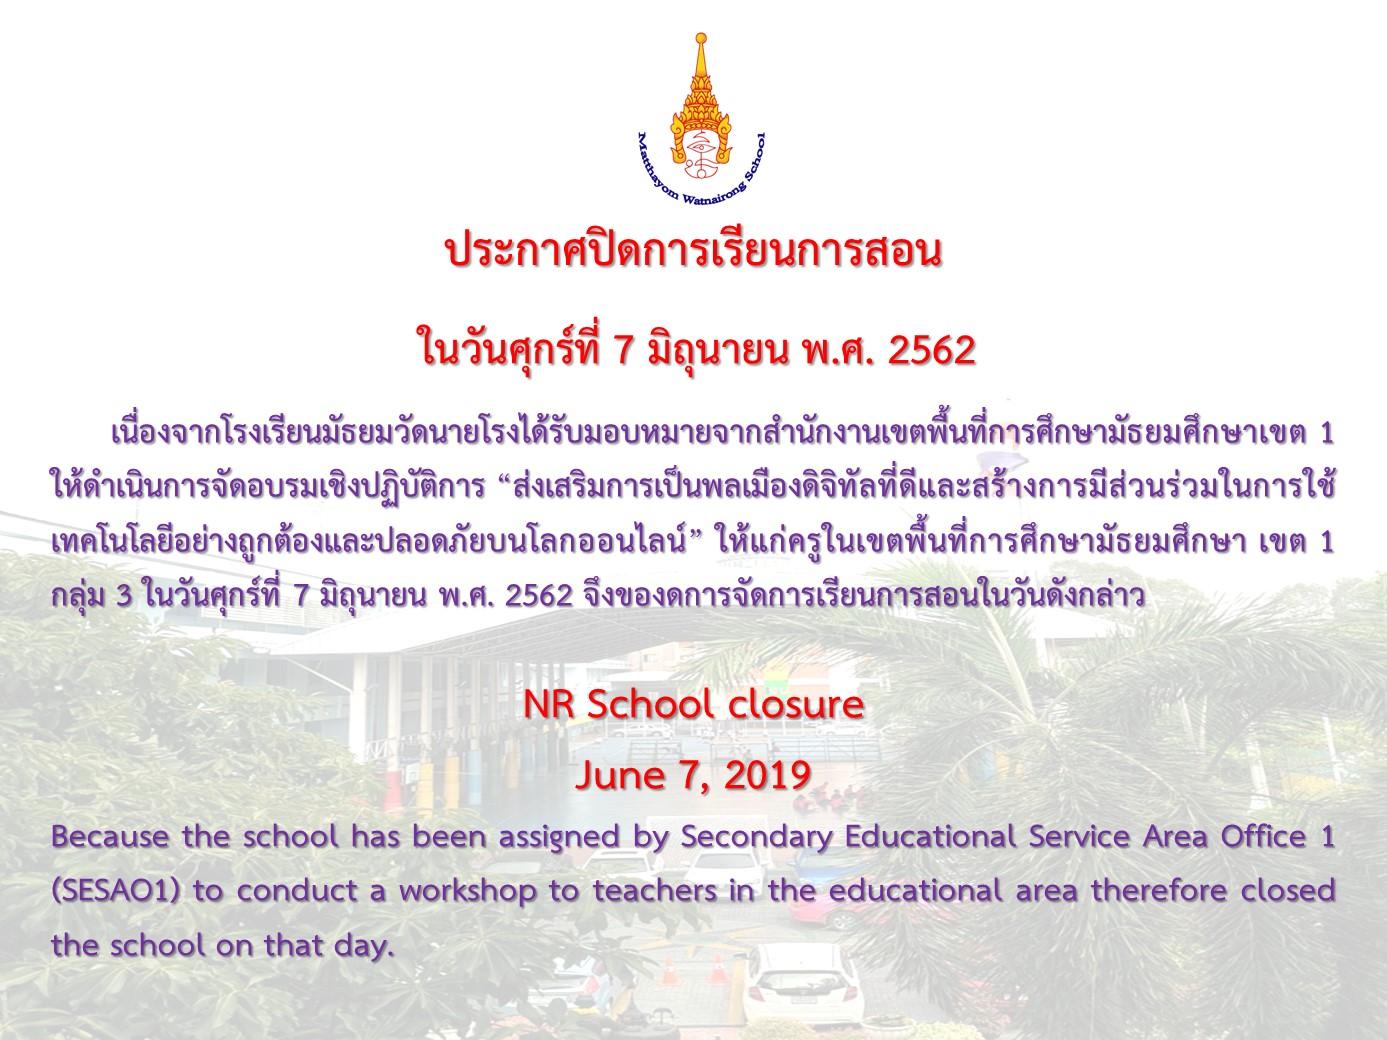 ประกาศปิดการเรียนการสอน ในวันศุกร์ที่ 7 มิถุนายน พ.ศ. 2562